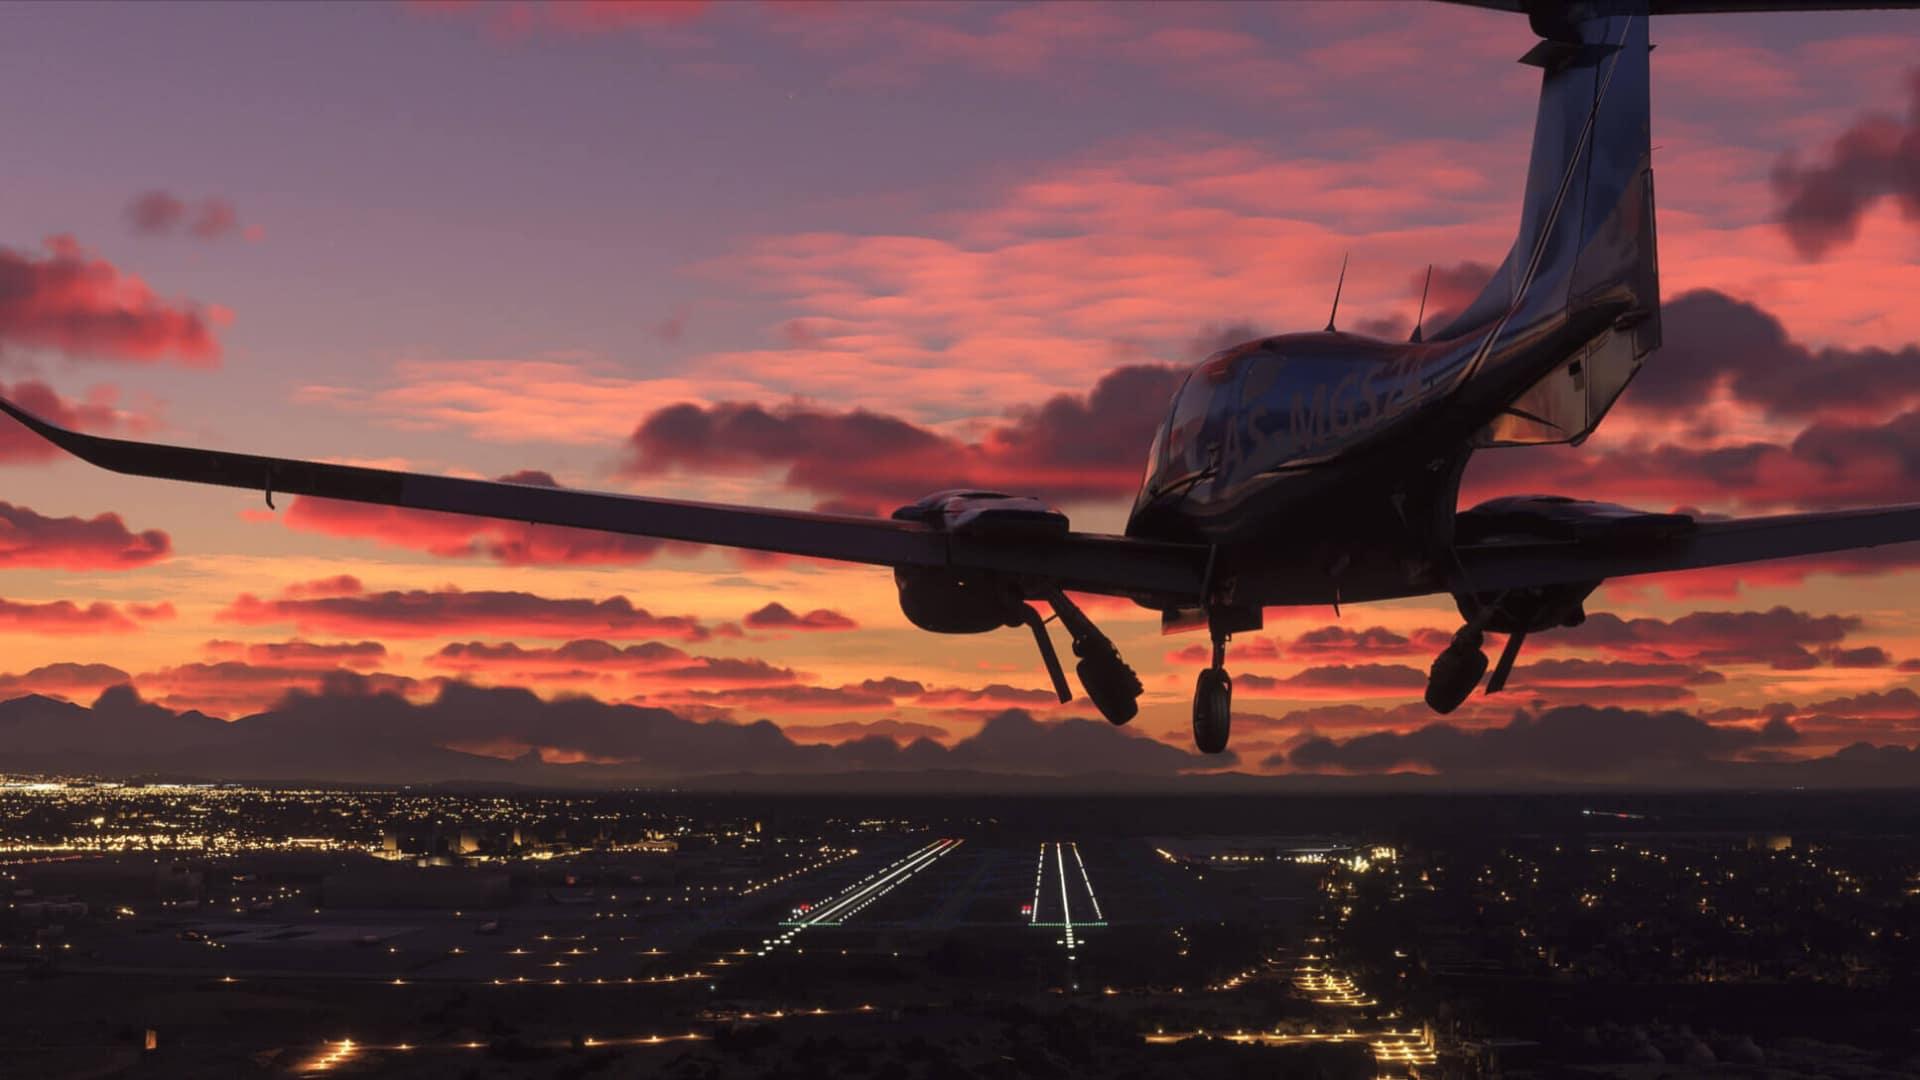 Flugzeug im Landeanflug auf einen Flugplatz bei Sonnenuntergang im Flight Simulator 2020